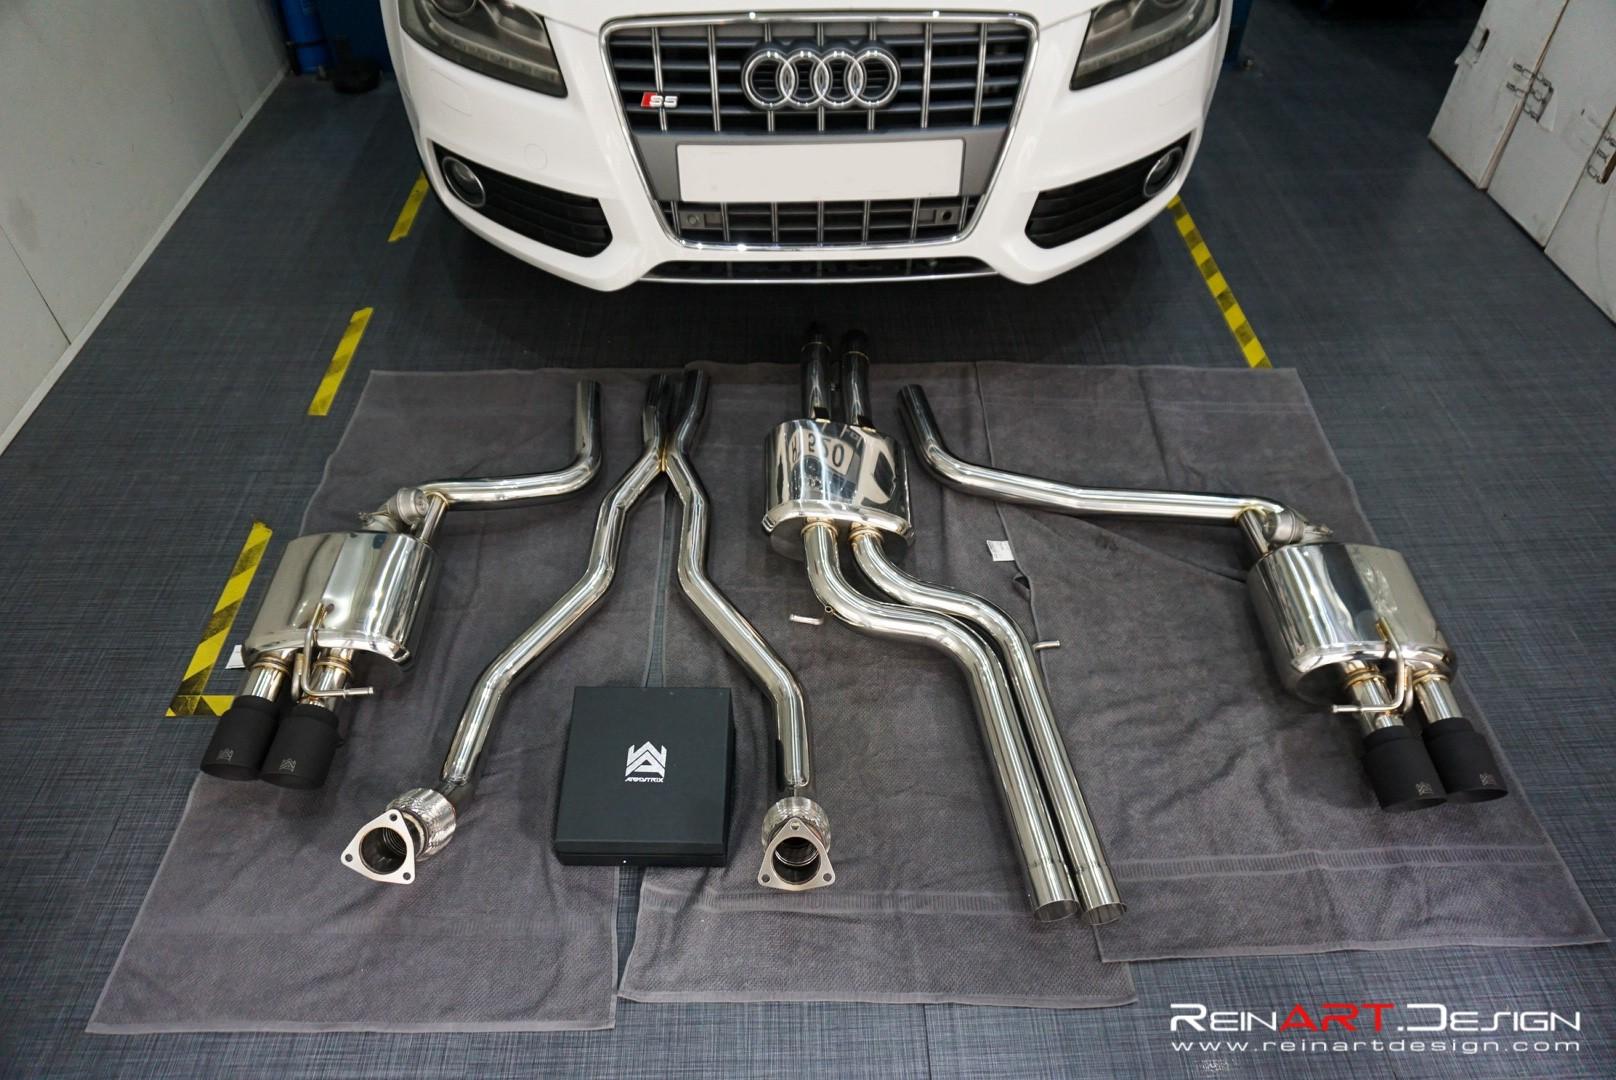 ARMYTRIX Audi S5 4.2 V8 Valvetronic Exhaust